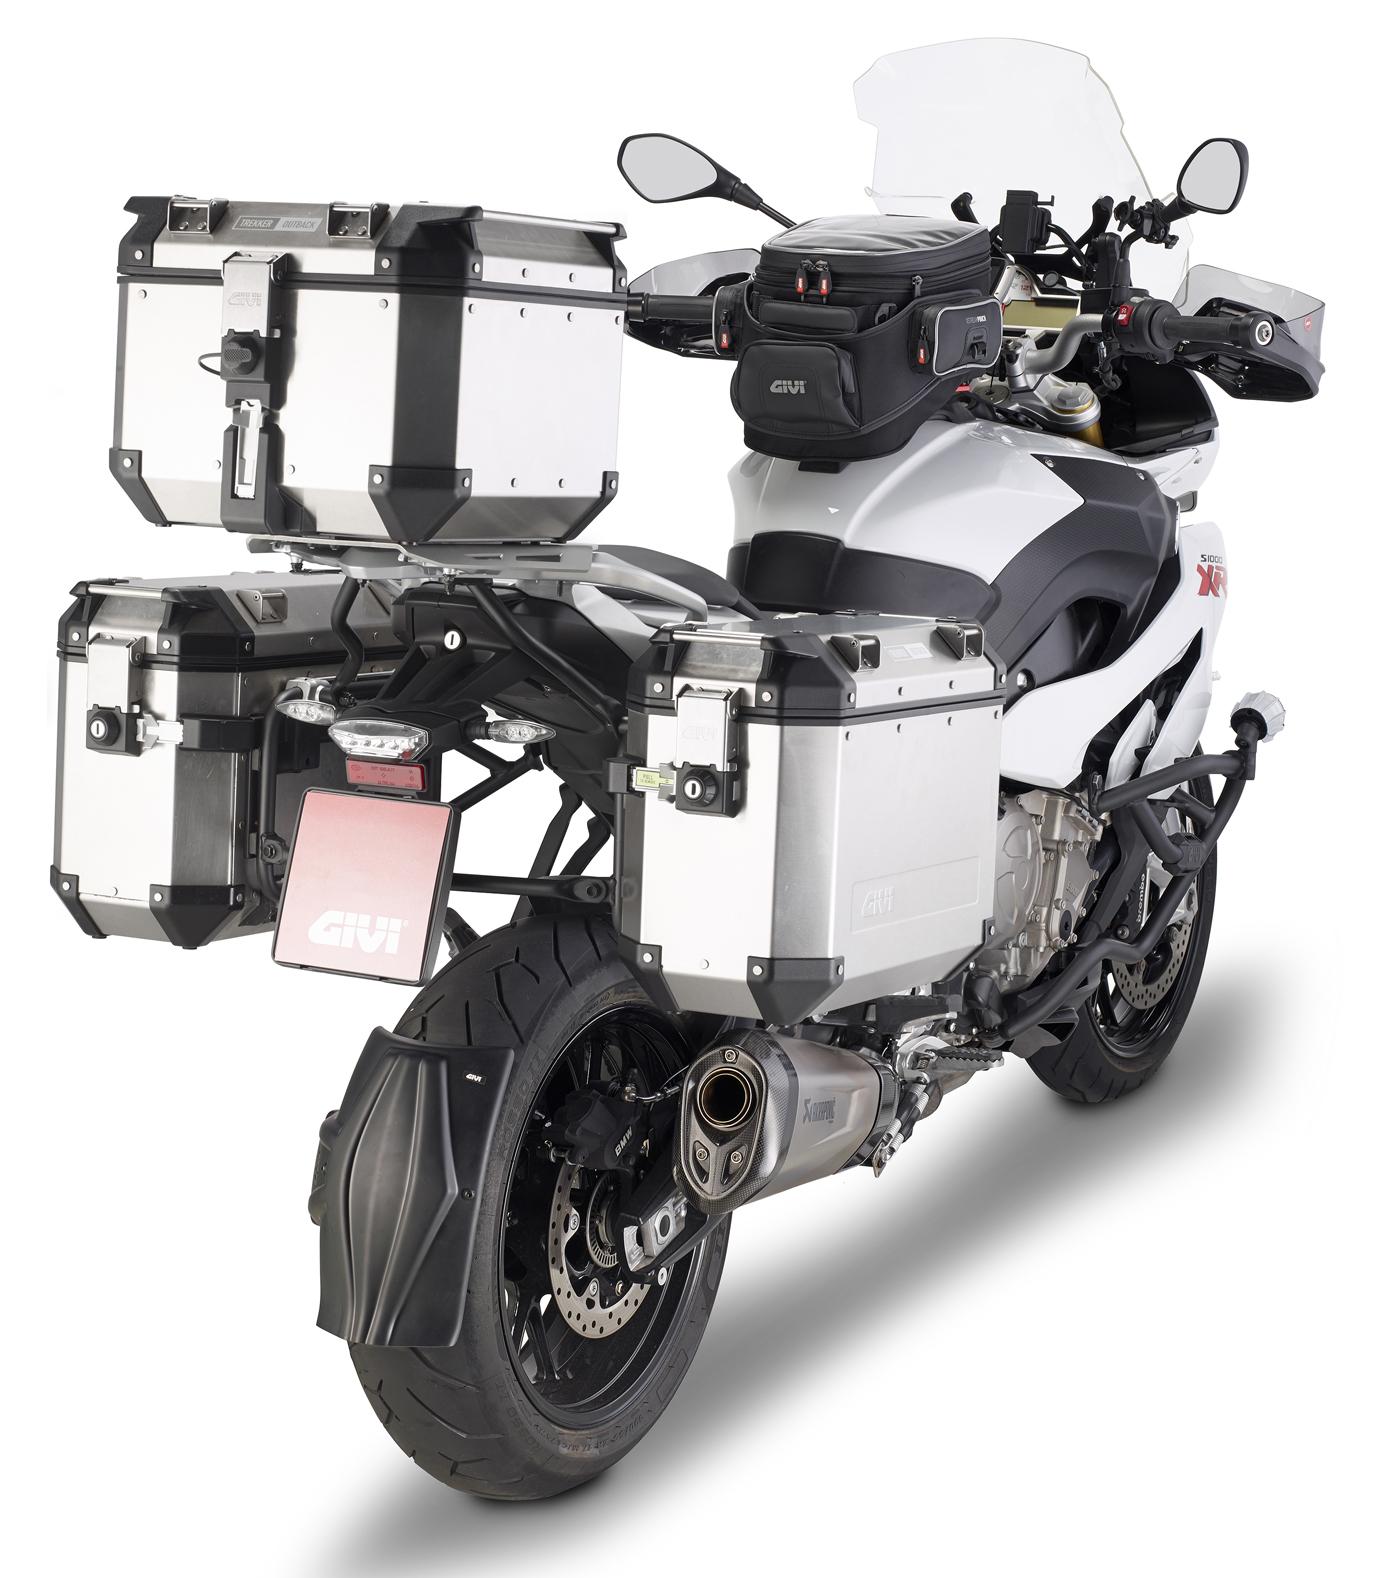 219e0b3c19 ... necessita flangia Borsa Serbatoio Givi Tanklock XS308, capienza 20 Litri,  include Marsupio removibile, necessita flangia ...